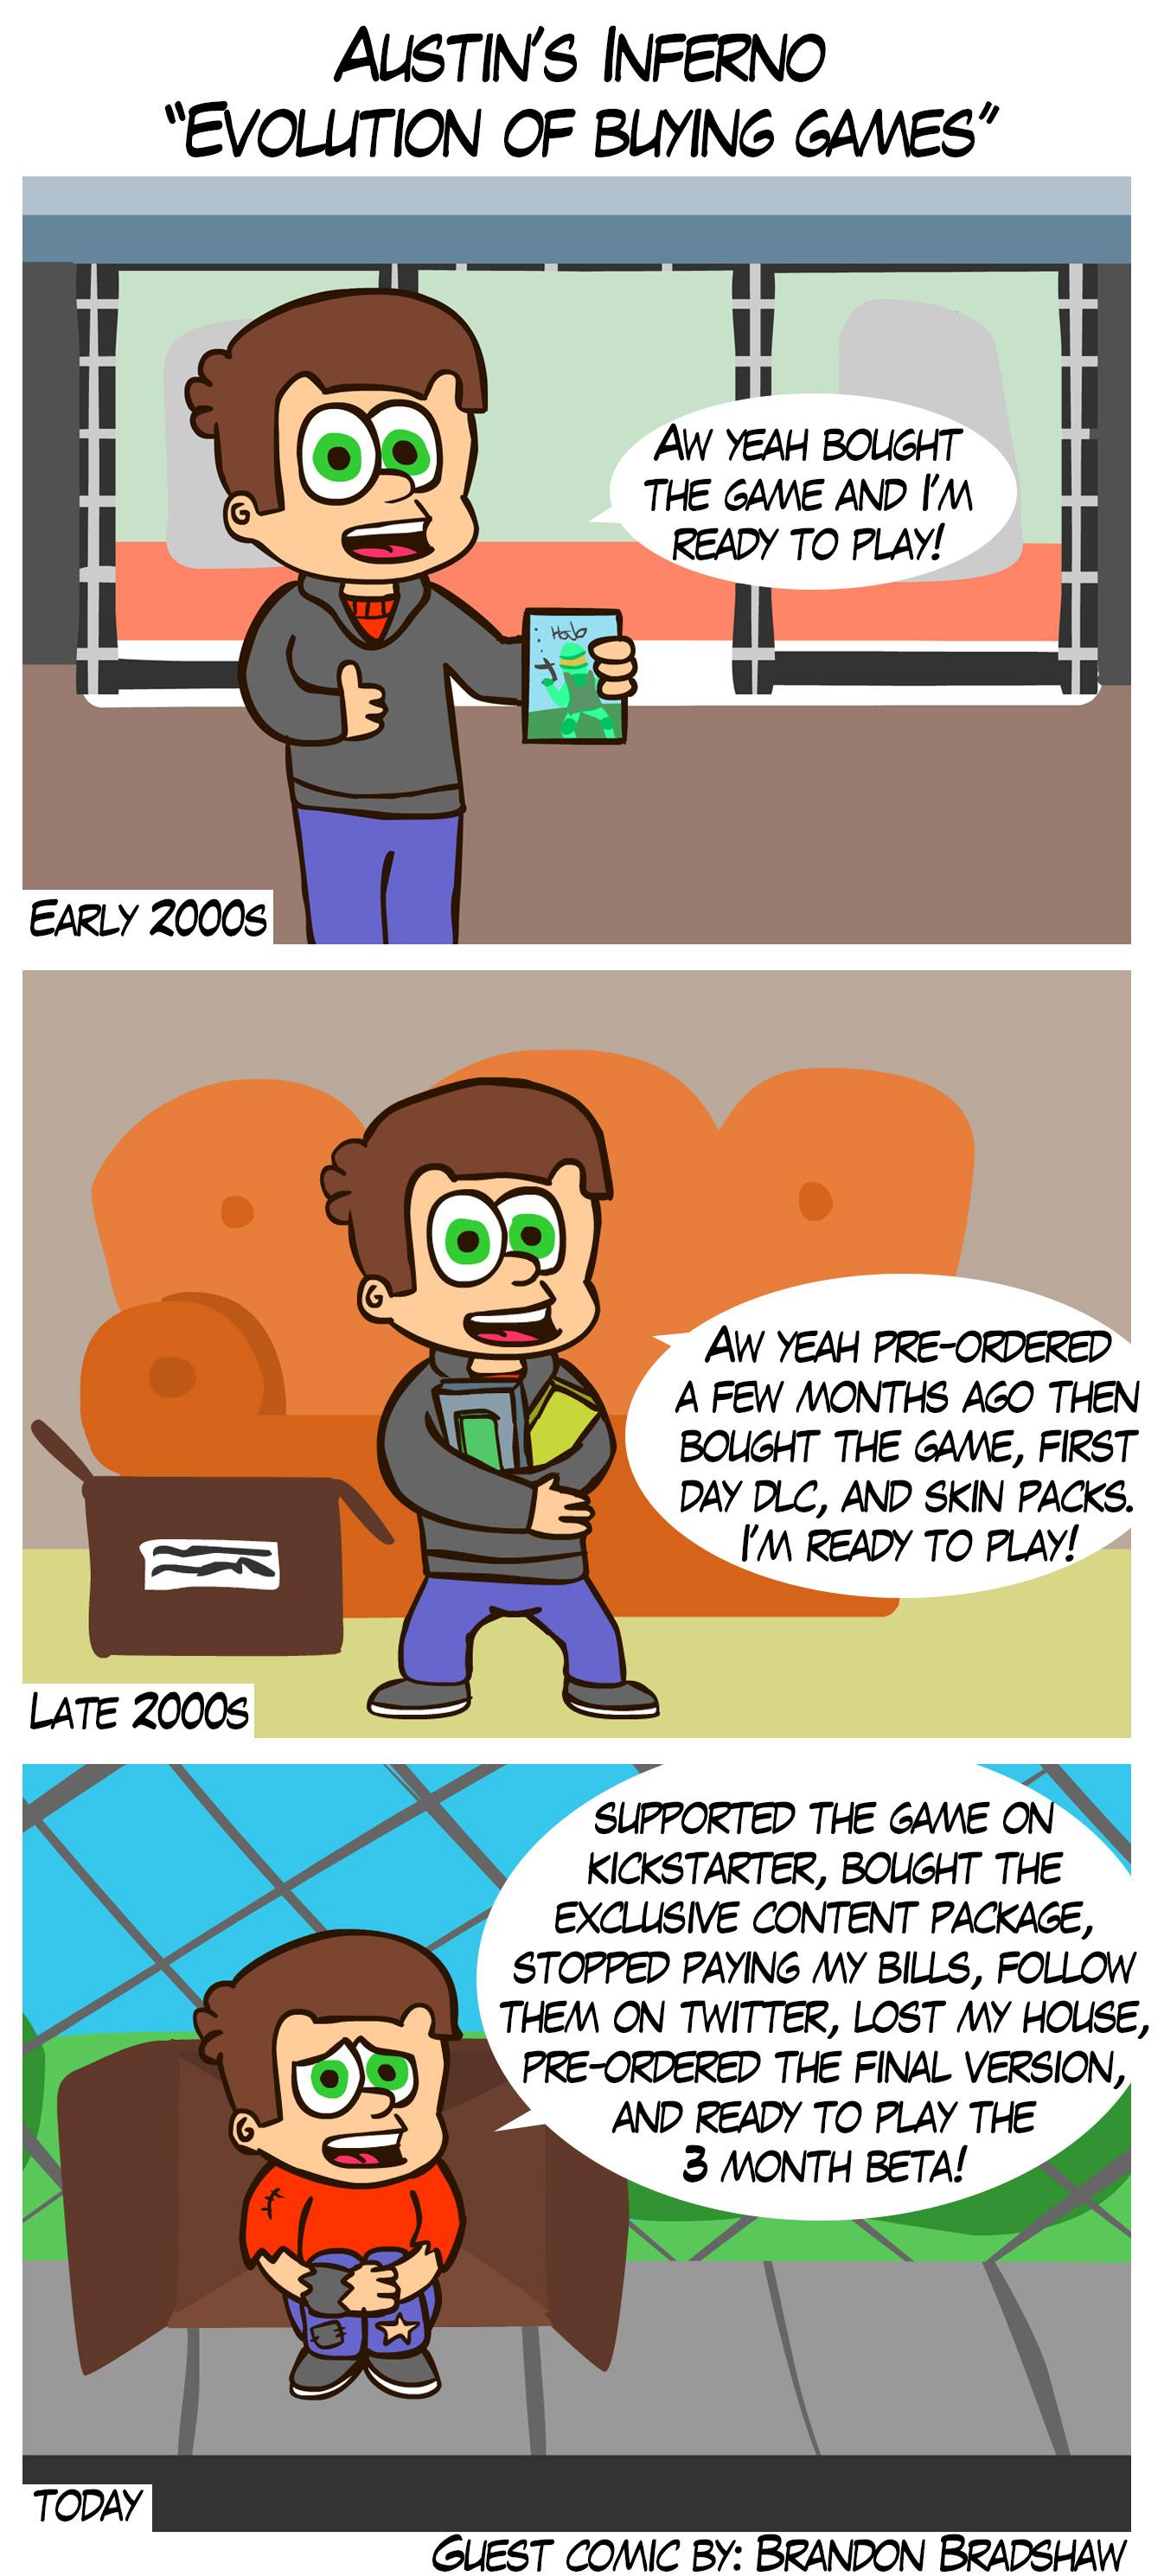 Guest Comic by Brandon Bradshaw